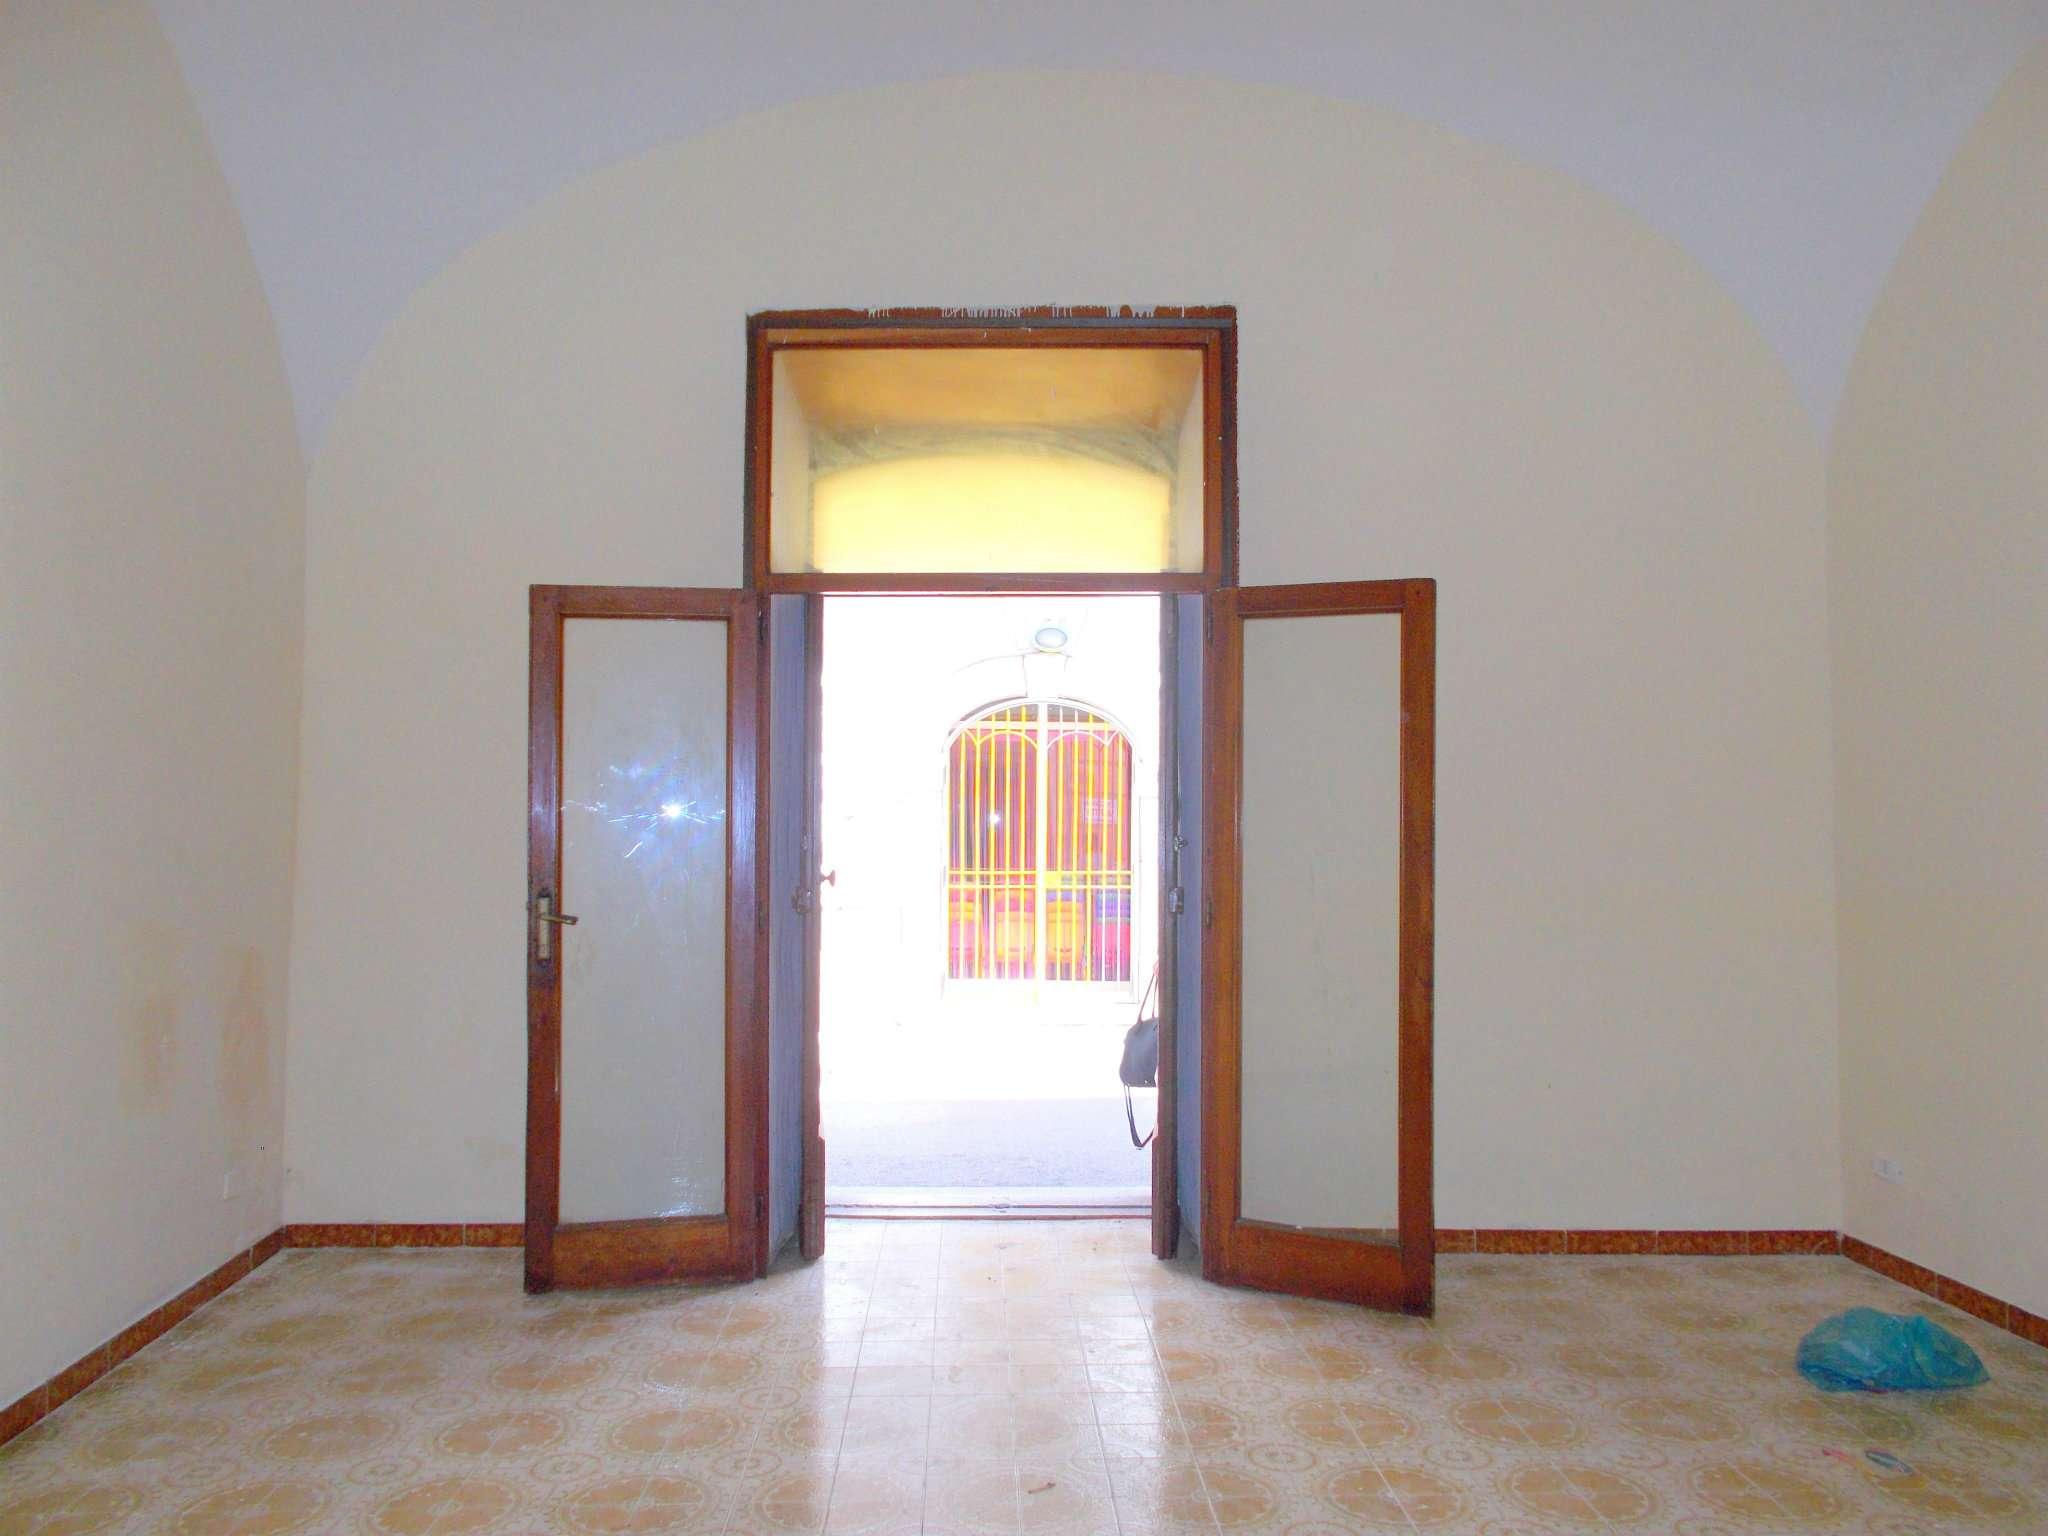 Soluzione Indipendente in affitto a Santa Maria a Vico, 2 locali, prezzo € 200 | Cambio Casa.it